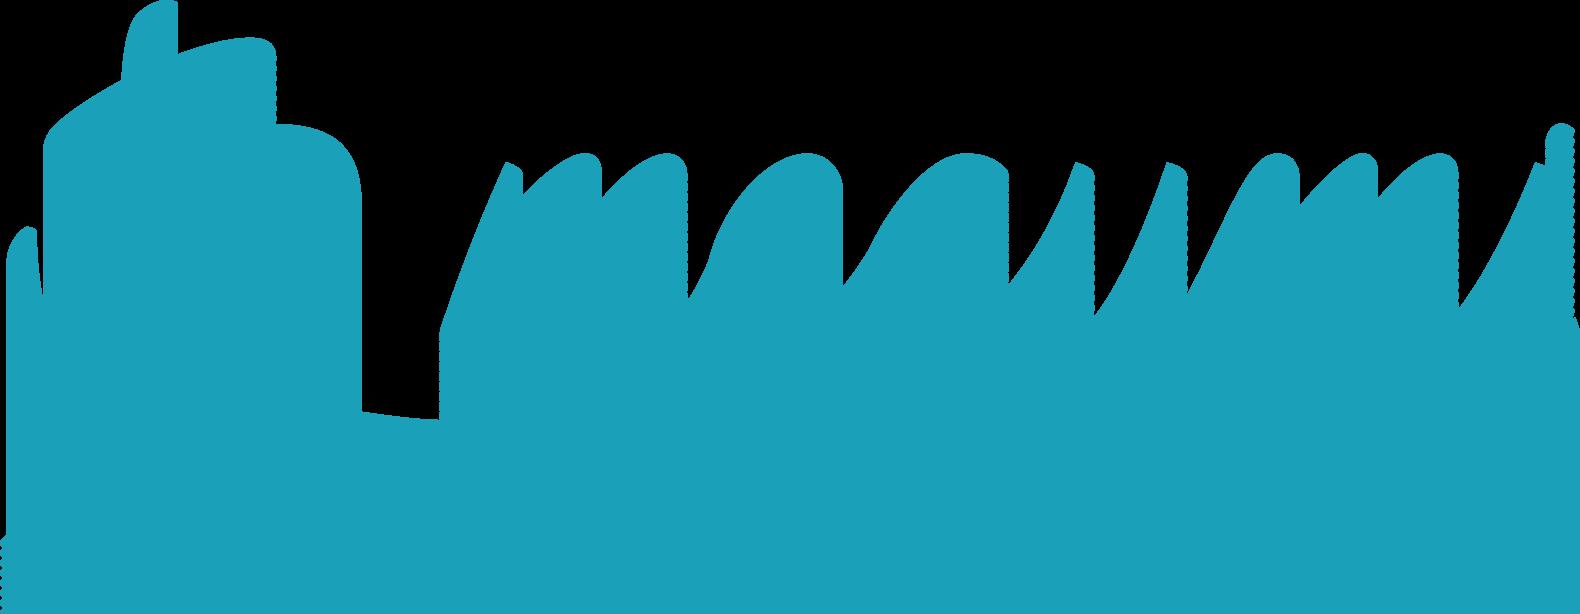 Megumi_Logo_LARGE_Blue_Hor.png